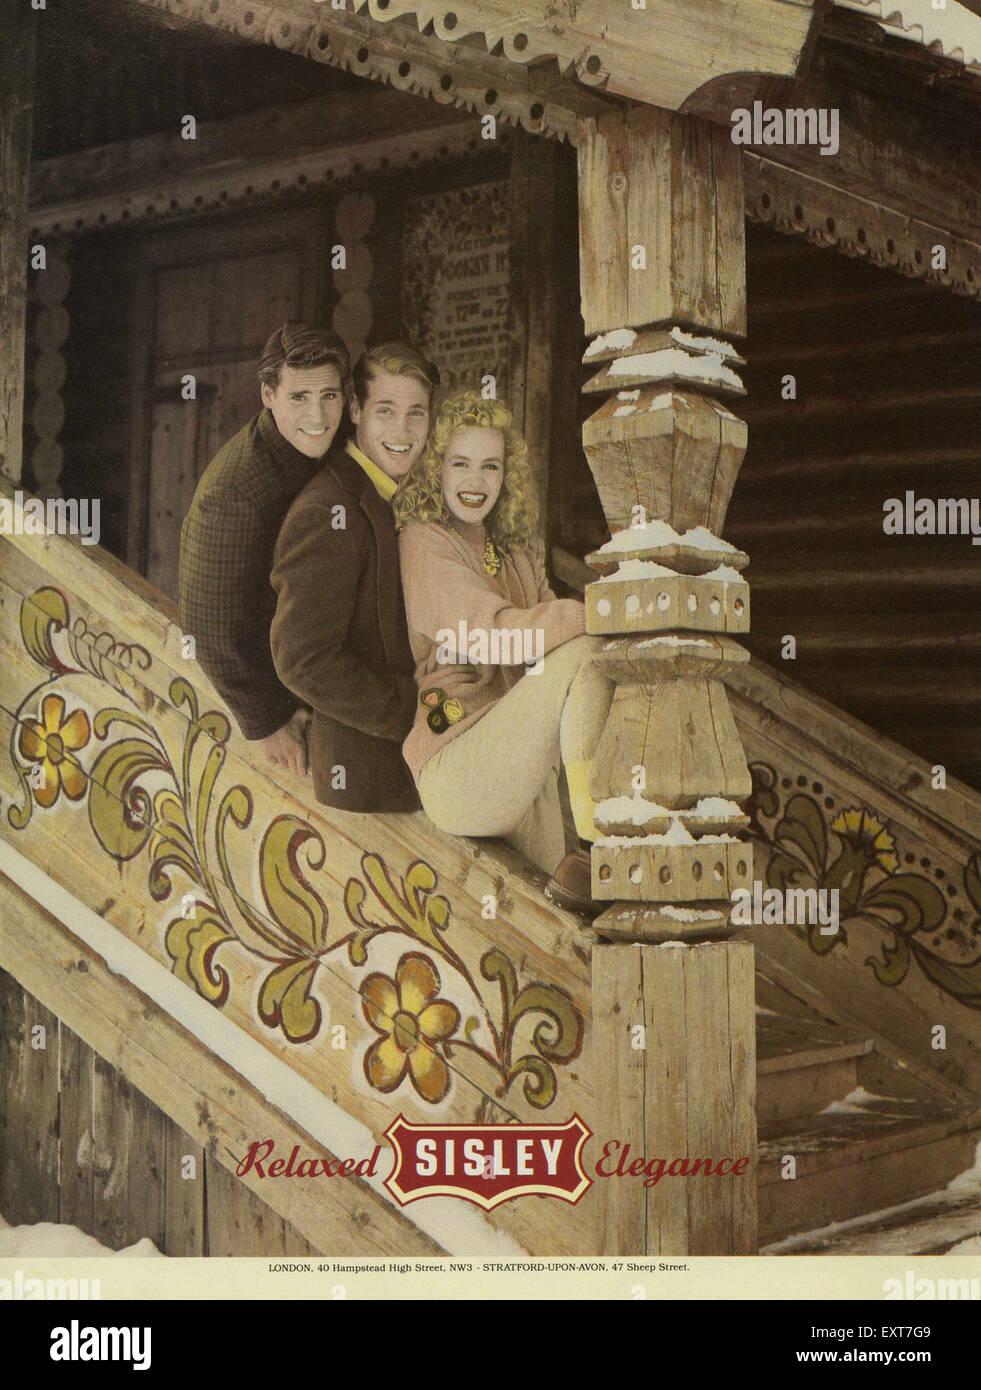 1980s UK Sisley Magazine Advert - Stock Image